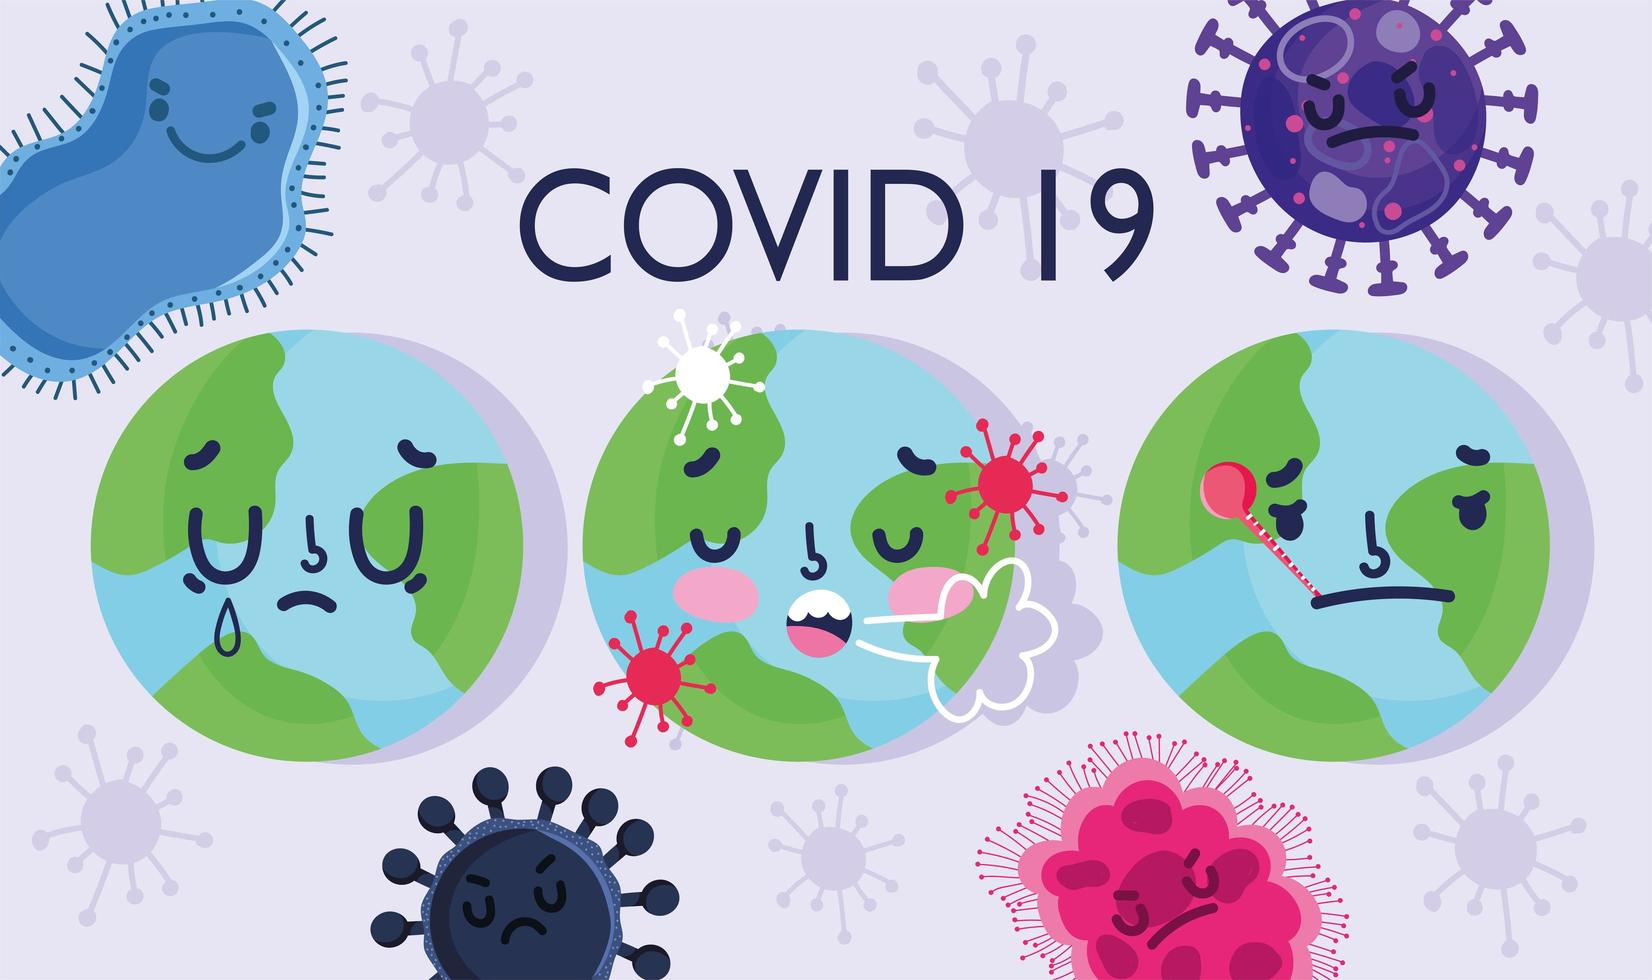 covid 19 virus pandemie posterontwerp met werelden vector